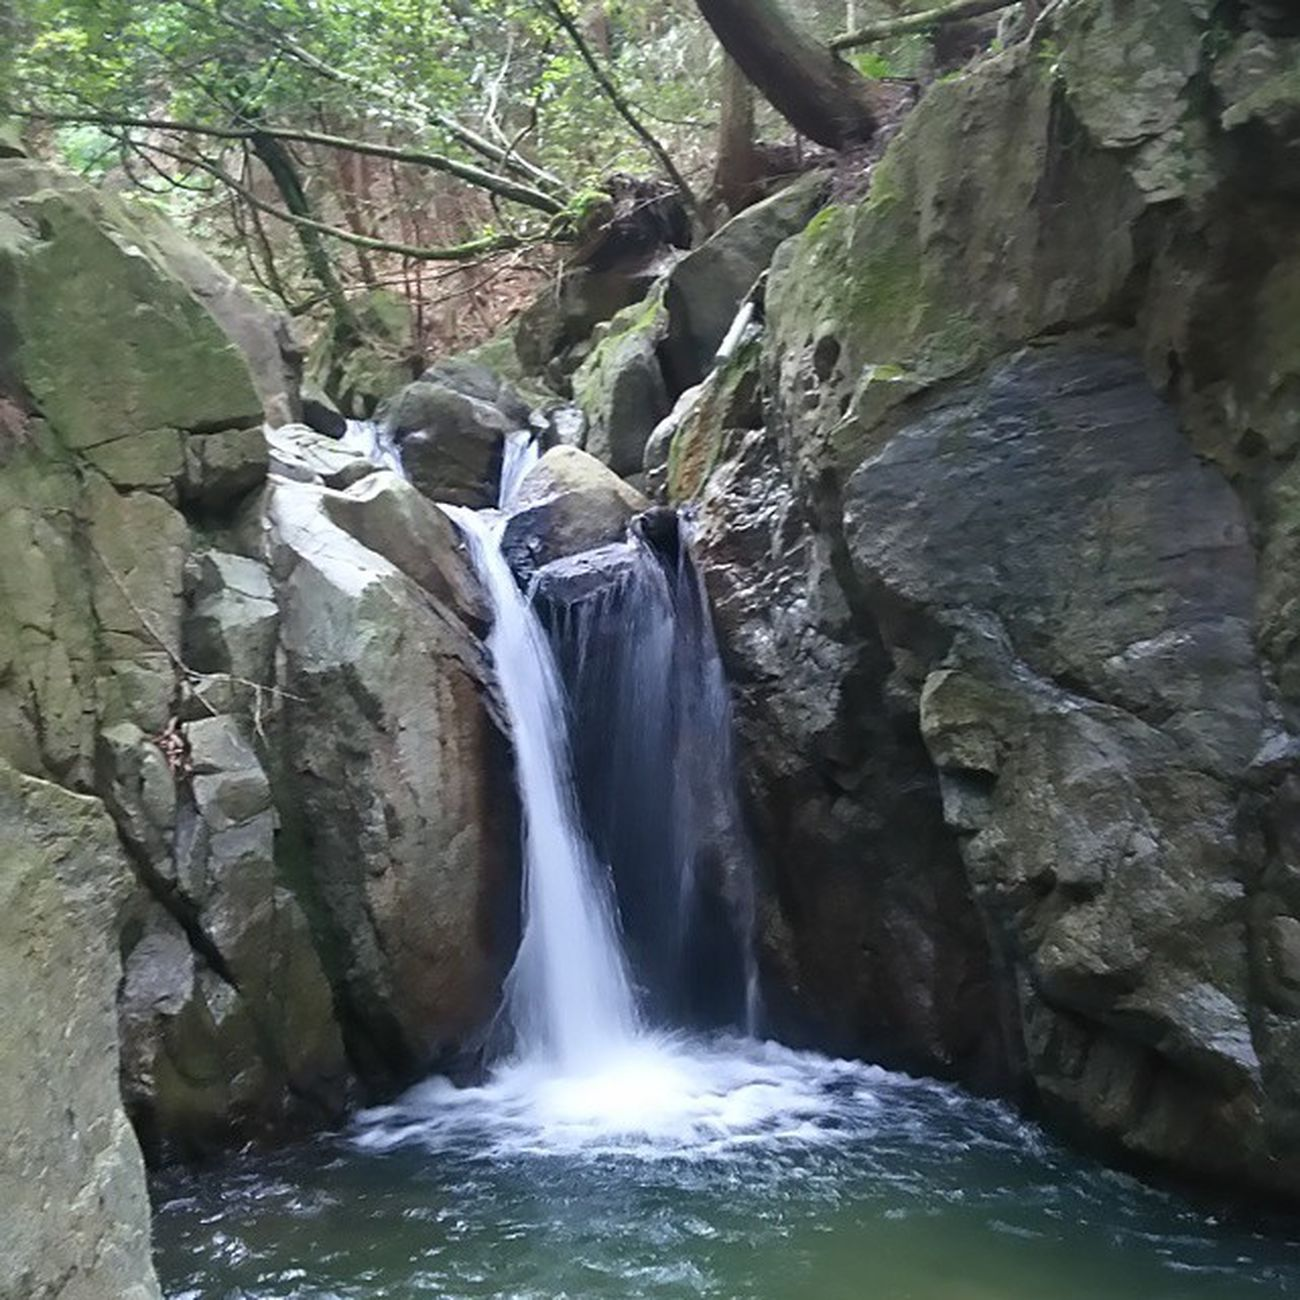 通りかかりに滝がある。やはり田舎。いい意味で。 滝 瀧 不動の瀧 自然 水 水辺 田舎